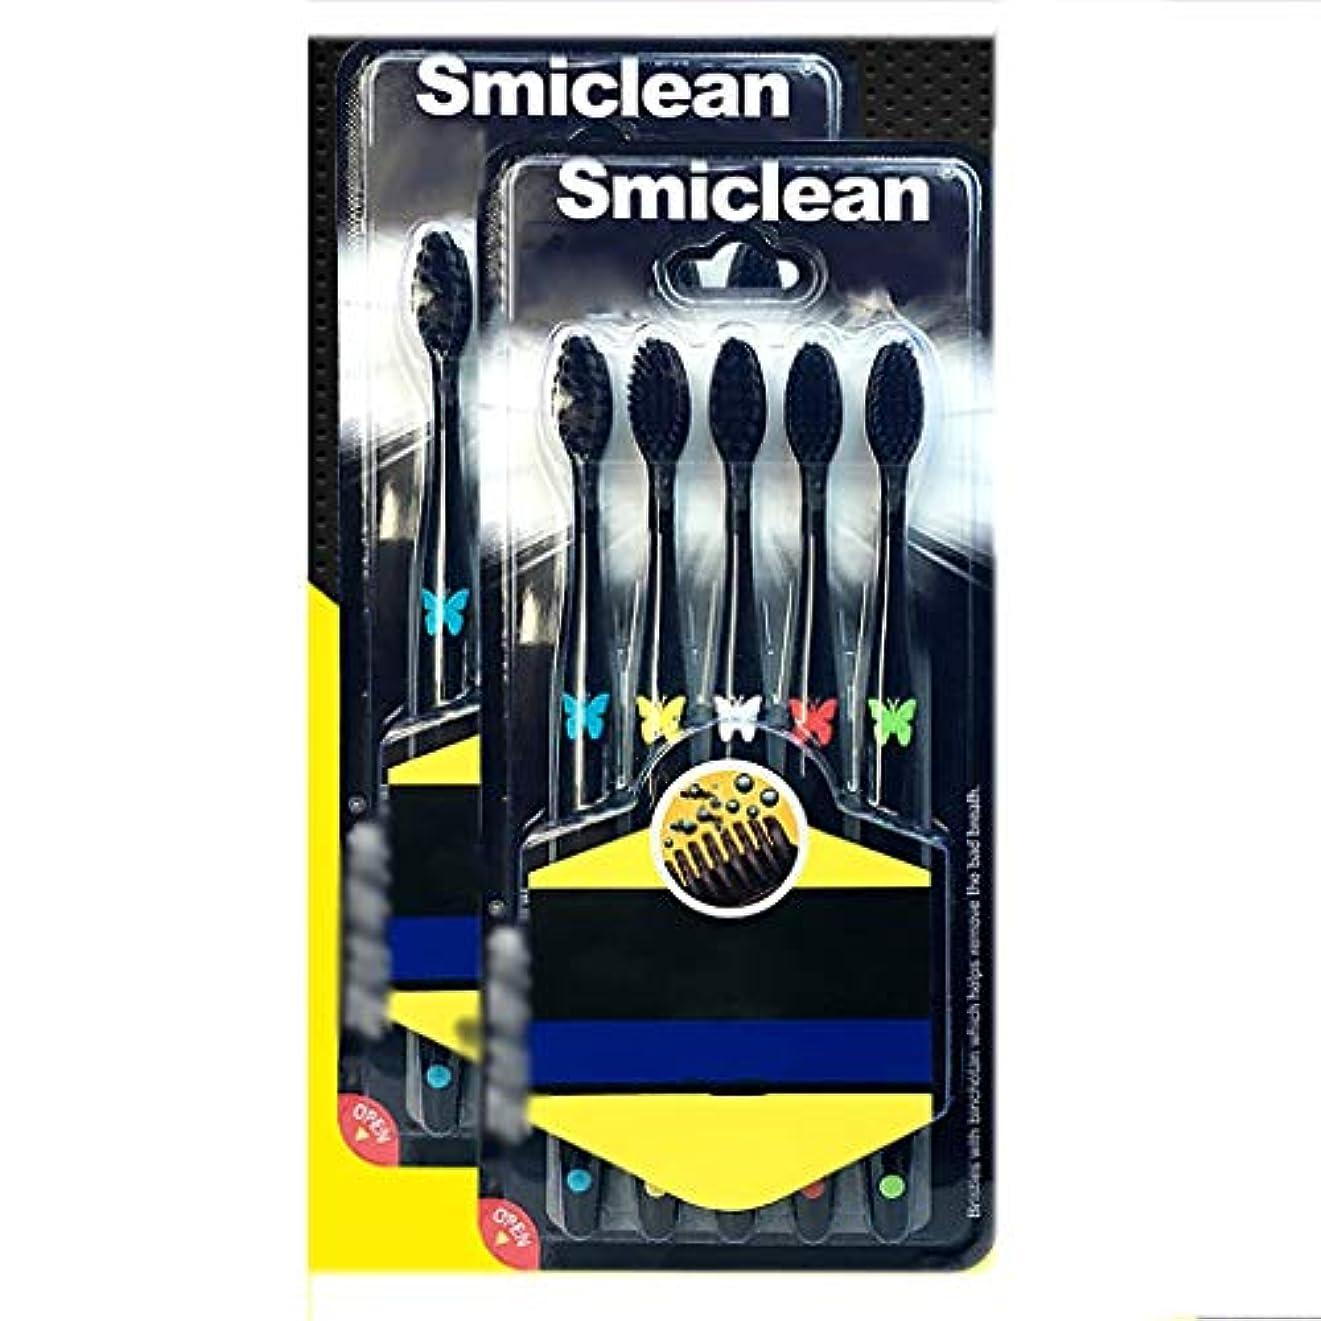 悪名高い送った絶望柔らかく、小さいヘッド歯ブラシ、大人のタケ木炭旅行家10の棒